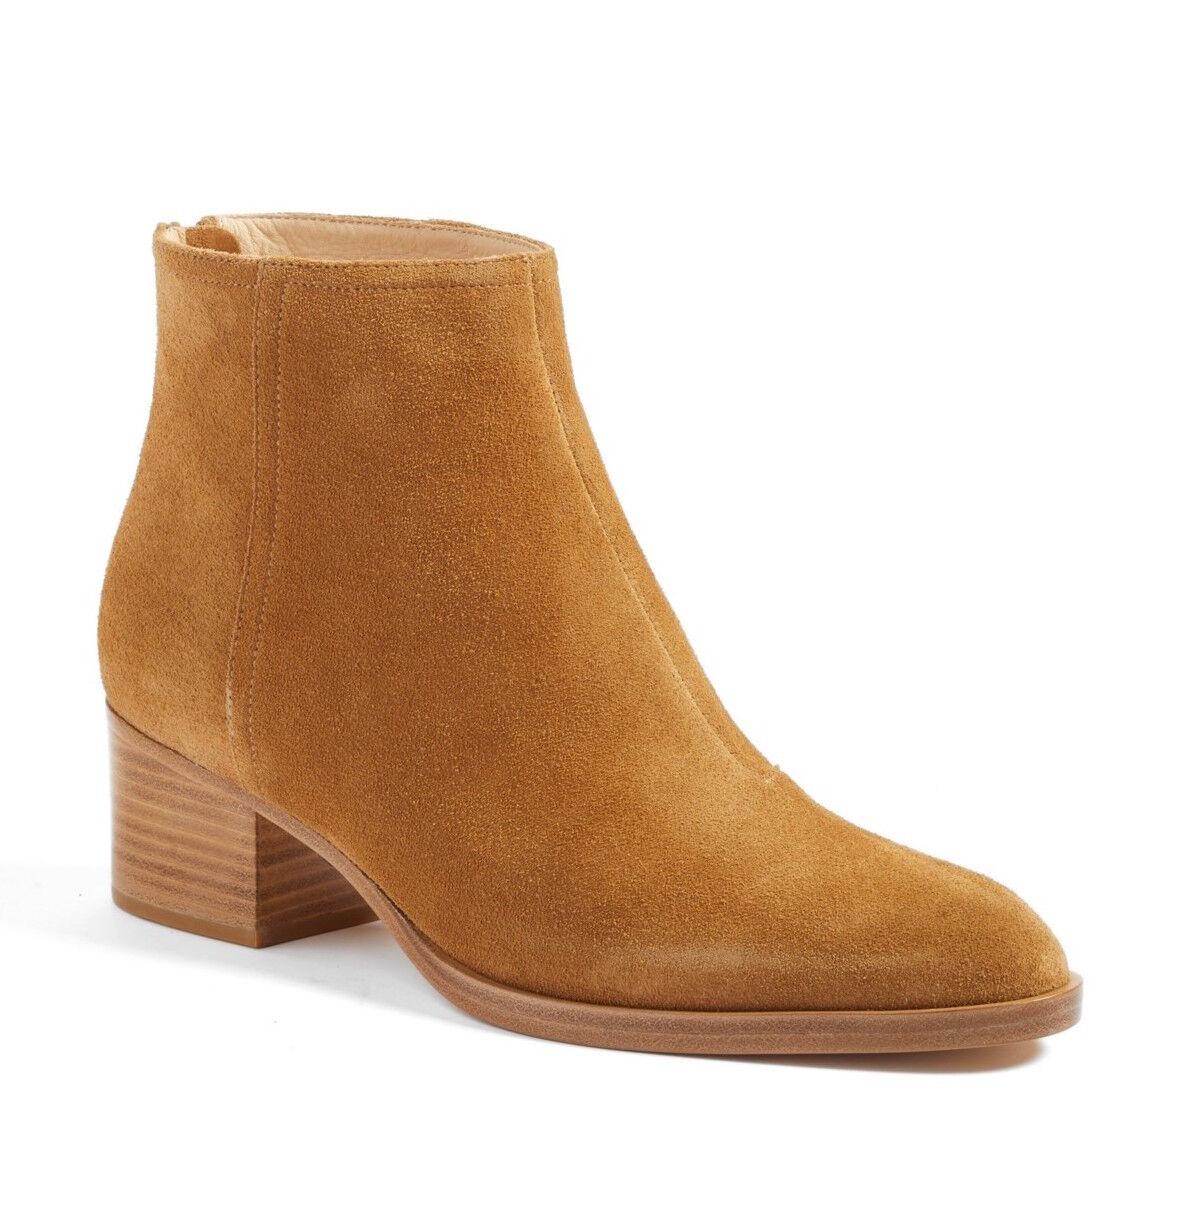 Rag & Bone Wesley Hazel Hazel Hazel marrón gamuza tobillo botas 8.5 Nuevo En Caja  60% de descuento